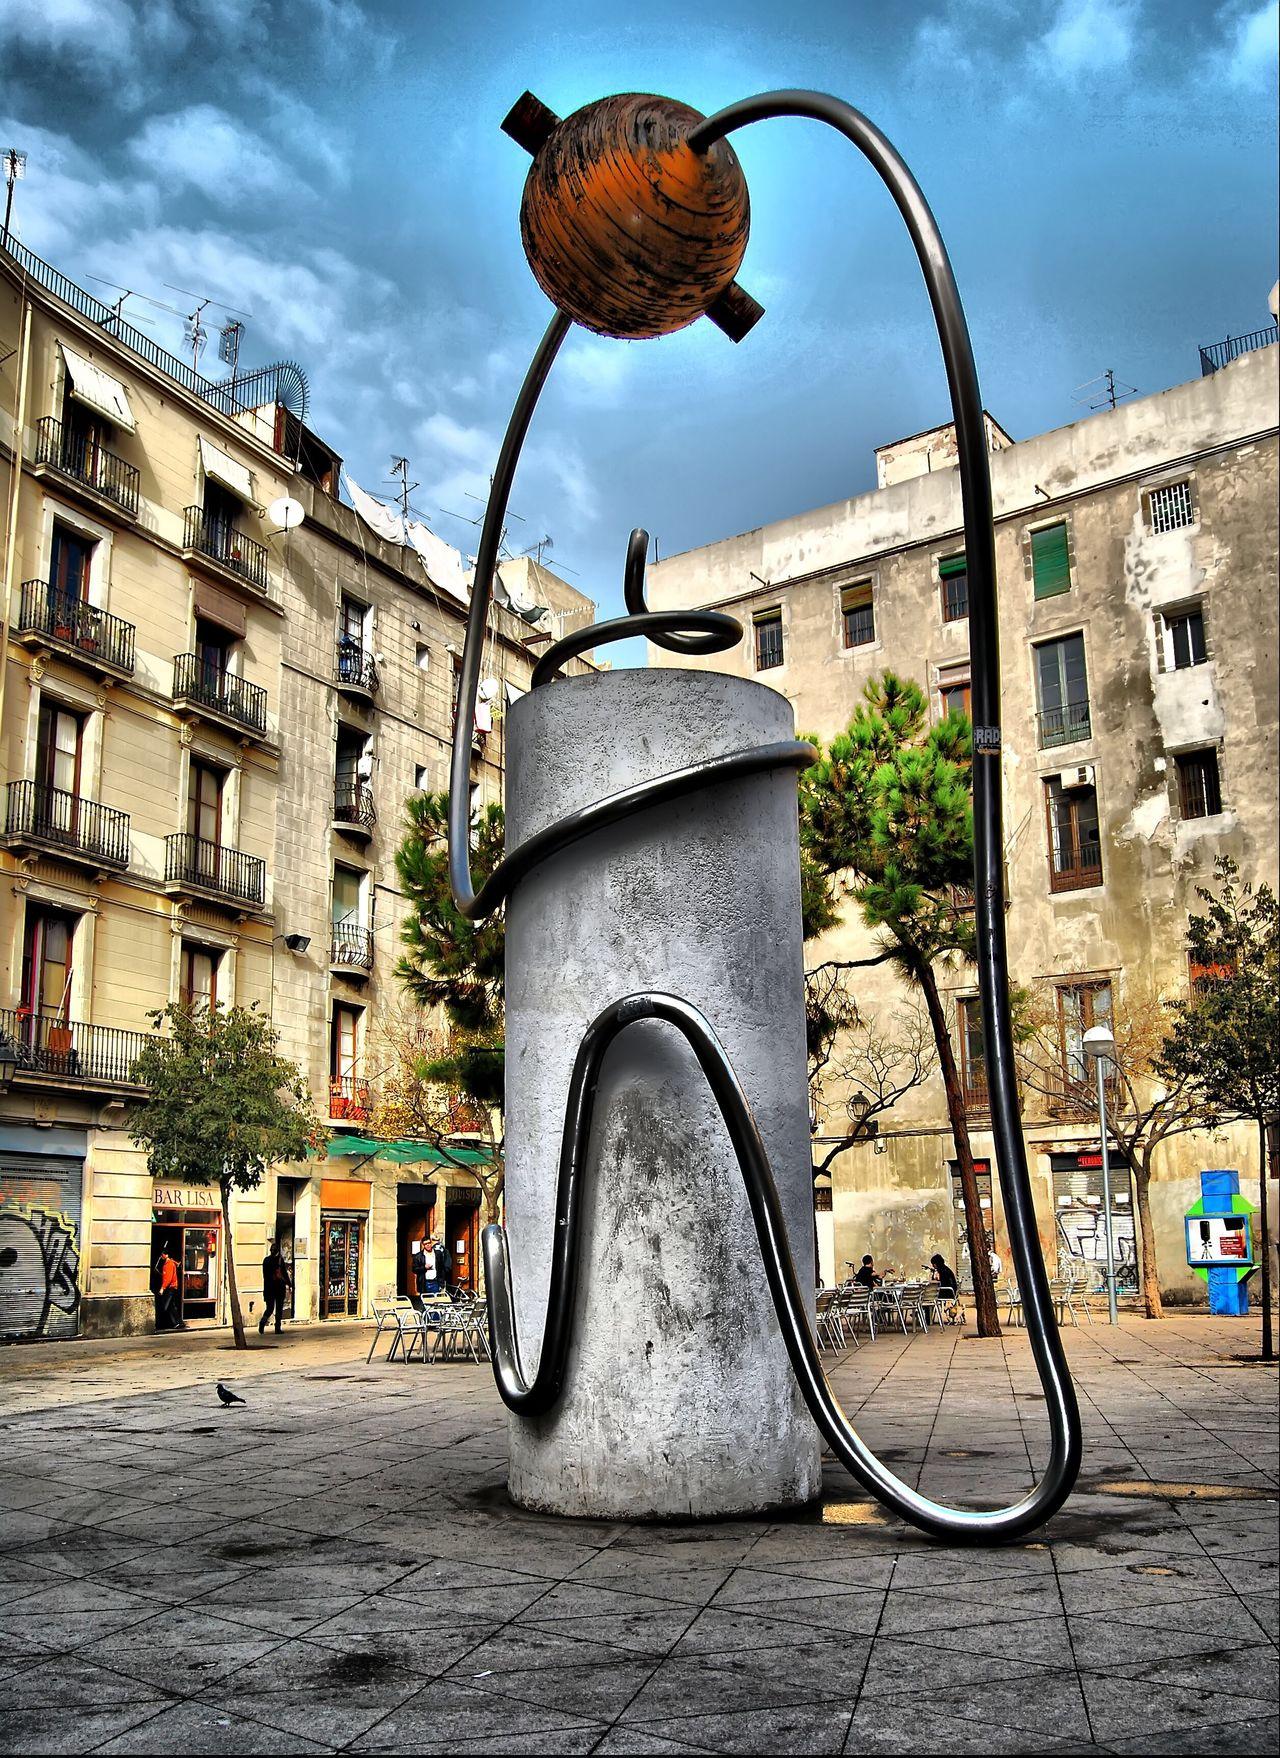 Plaçageorgeorwell Plaza George Orwell Barcelona Georgia Orwell Barcelona Monument Monuments Sculpture HDR